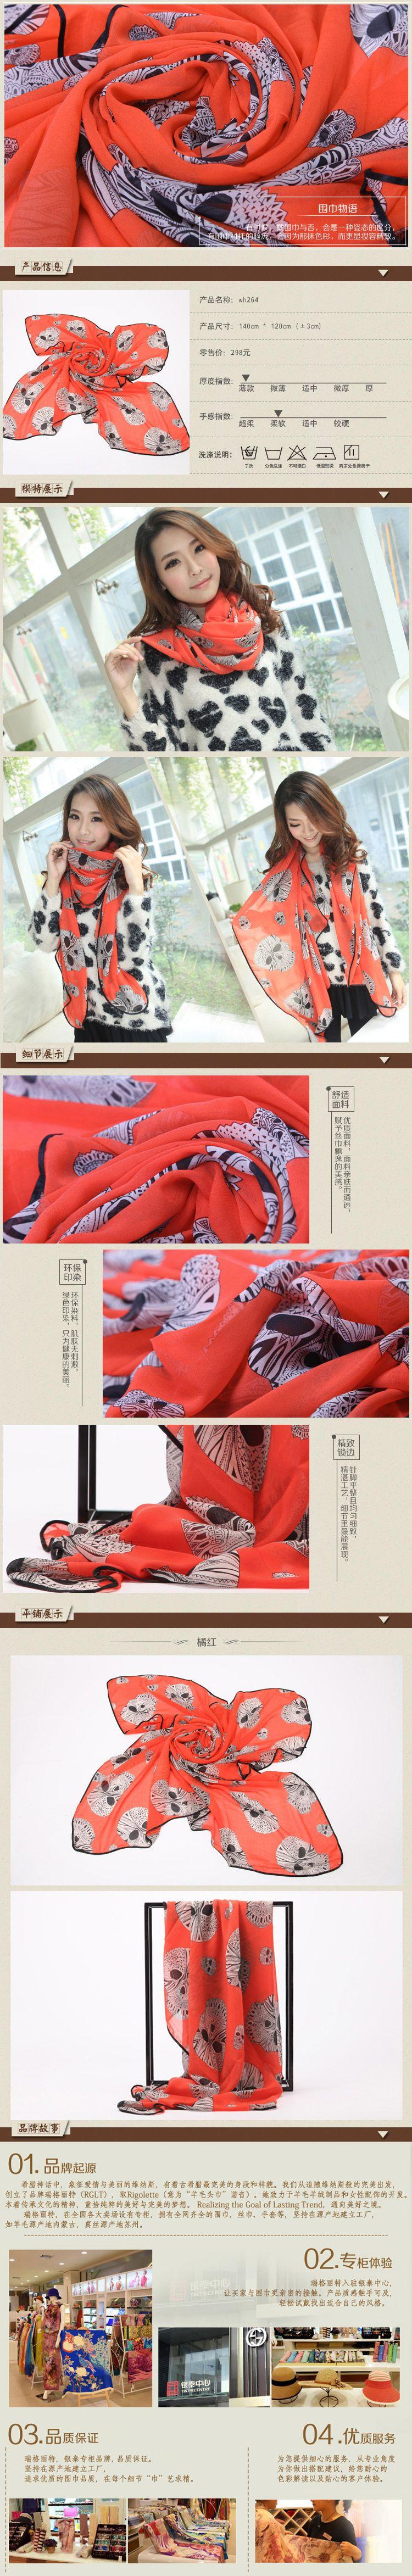 橘红色头�_*骷髅头雪纺丝巾橘红色